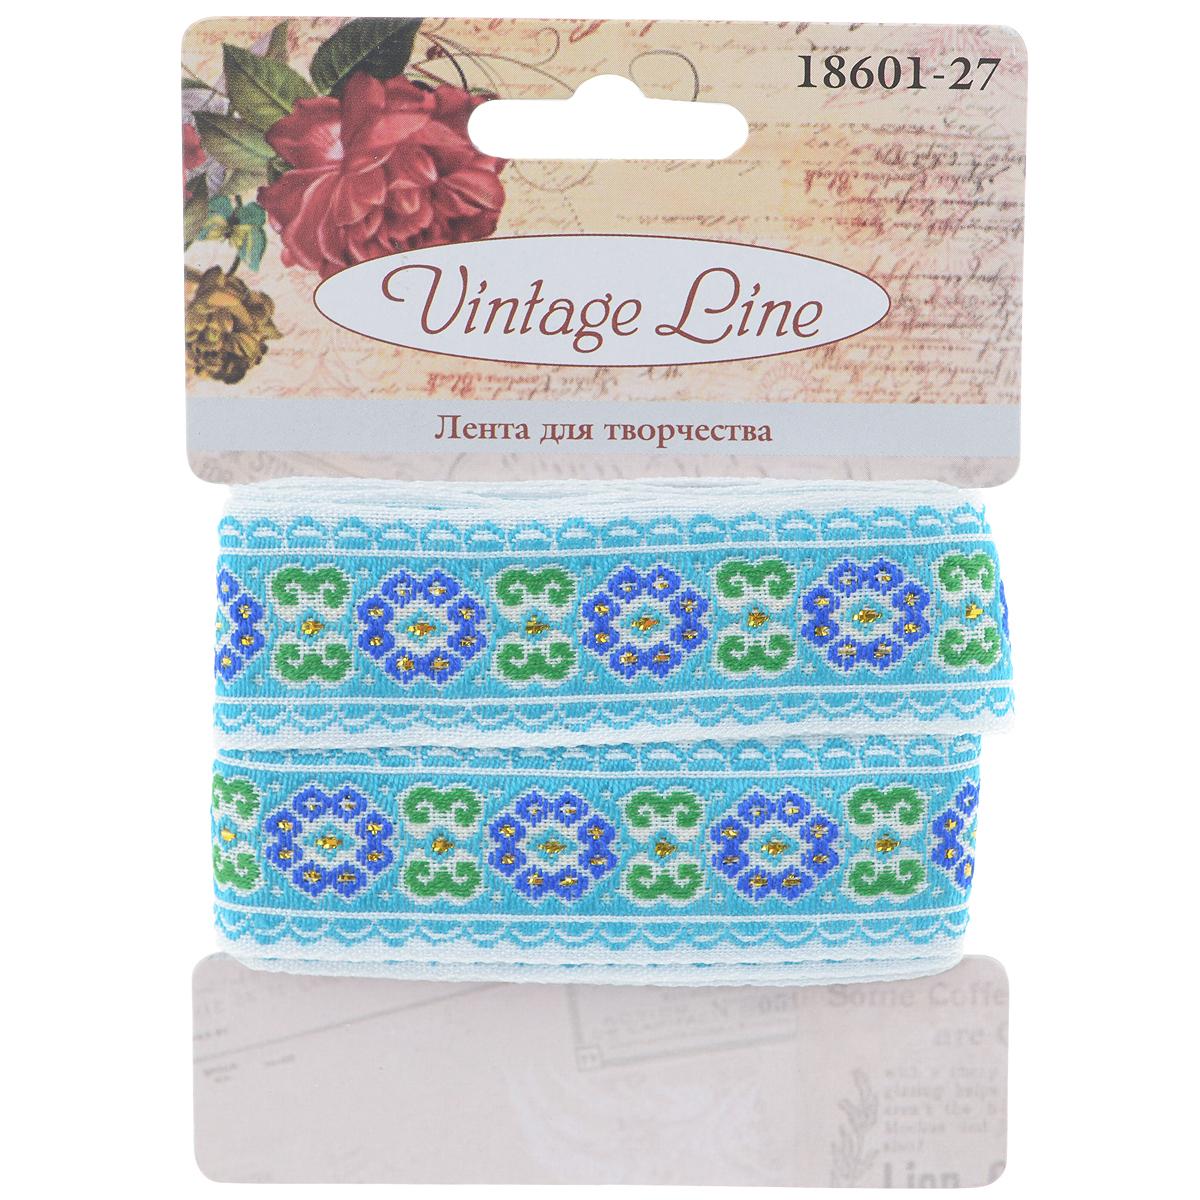 Лента декоративная Vintage Line, цвет: голубой, 2,2 х 150 см 77096757709675Декоративная лента Vintage Line выполнена из текстиля и оформлена вышитыми цветками. Такая лента идеально подойдет для оформления различных творческих работ таких, как скрапбукинг, аппликация, декор коробок и открыток и многое другое.Лента наивысшего качества практична в использовании. Она станет незаменимым элементом в создании рукотворного шедевра. Ширина: 2,2 см.Длина: 1,5 м.